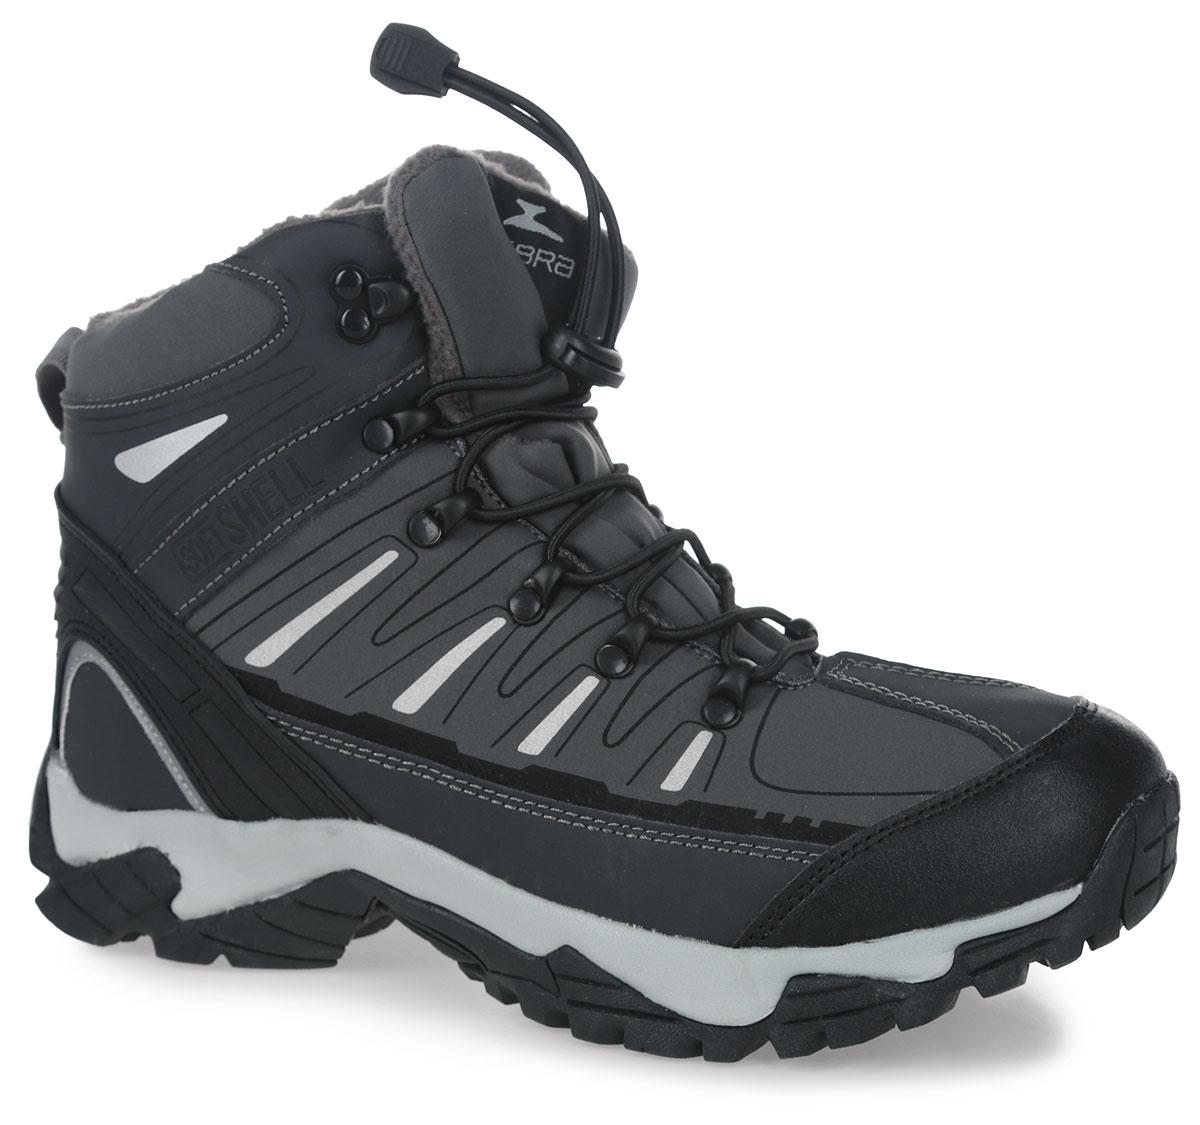 10990-1Ботинки для мальчика Зебра выполнены из мембранных материалов. Шнуровка надежно фиксирует изделие на ноге. Подкладка и стелька из шерсти обеспечивают тепло, циркуляцию воздуха и сохраняют комфортный микроклимат в обуви. Гибкая подошва с рифлением не скользит.